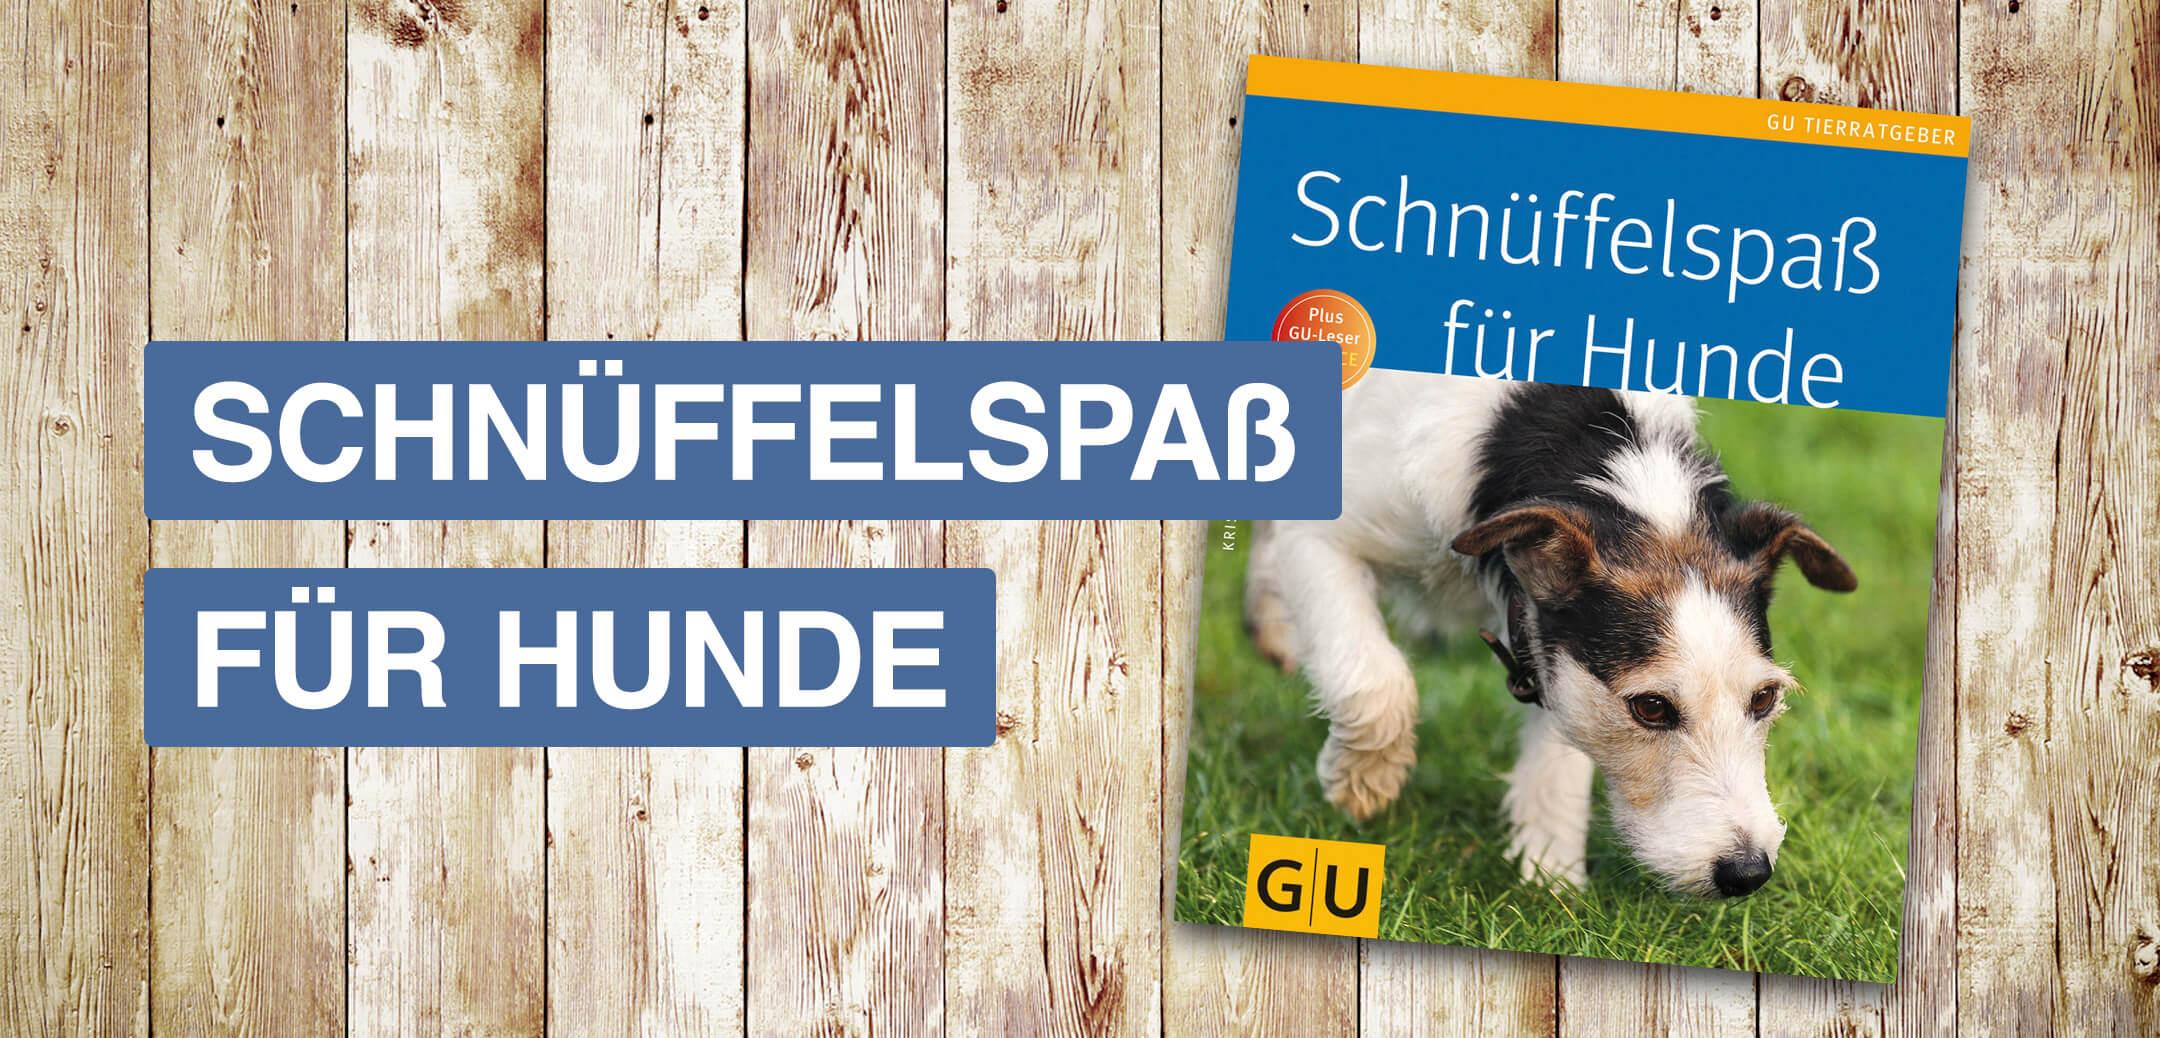 Schnüffelspaß für Hunde Informationsseite Startbild